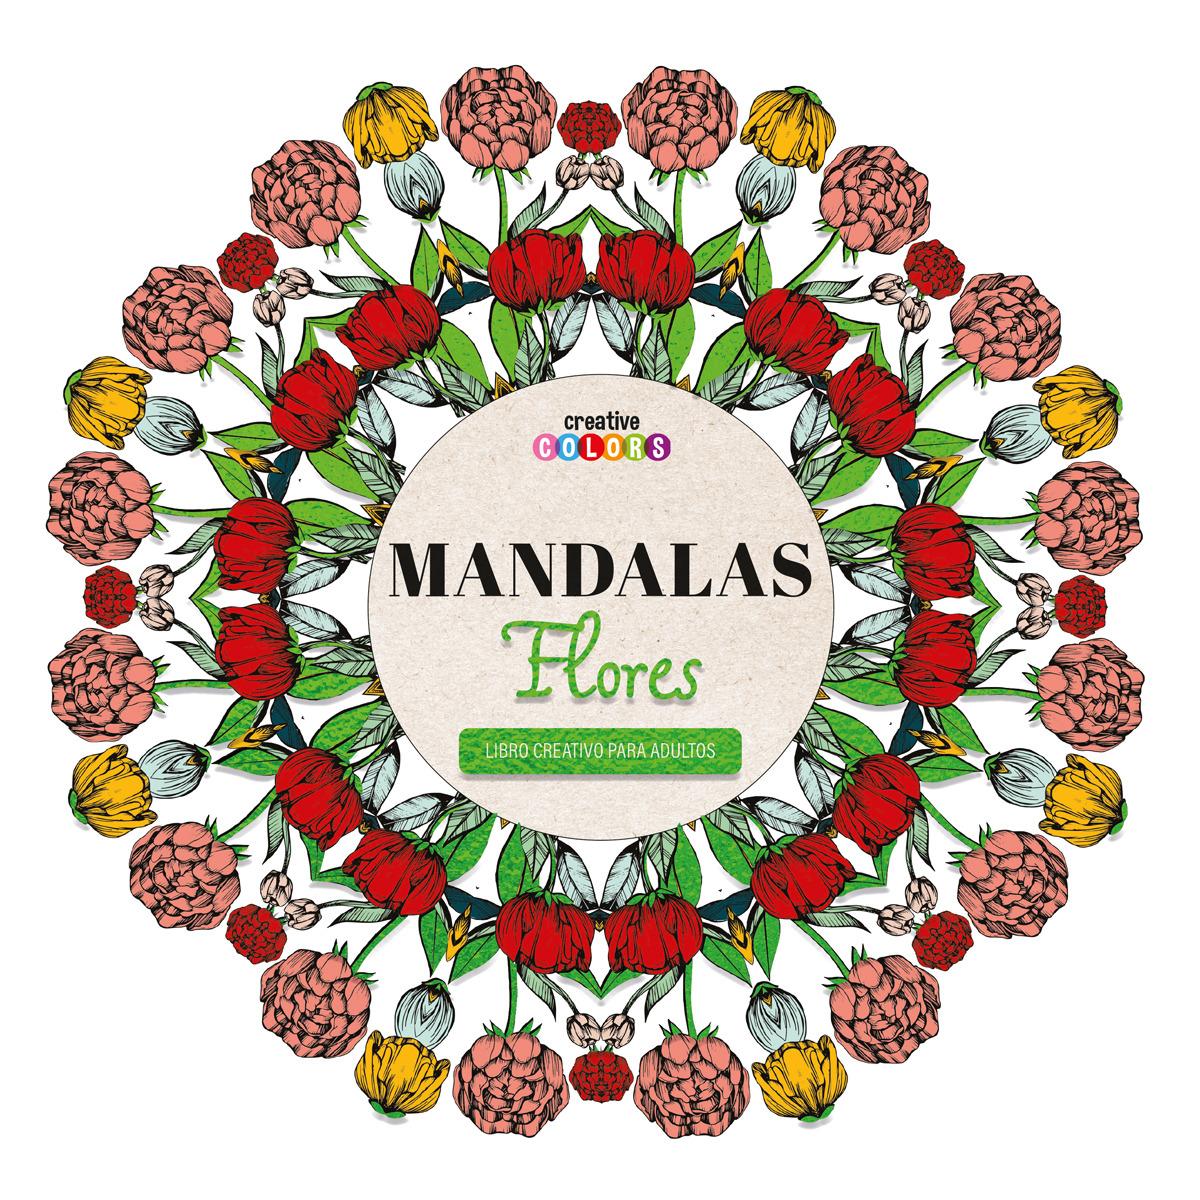 MANDALAS MARAVILLOSOS 9789463546492